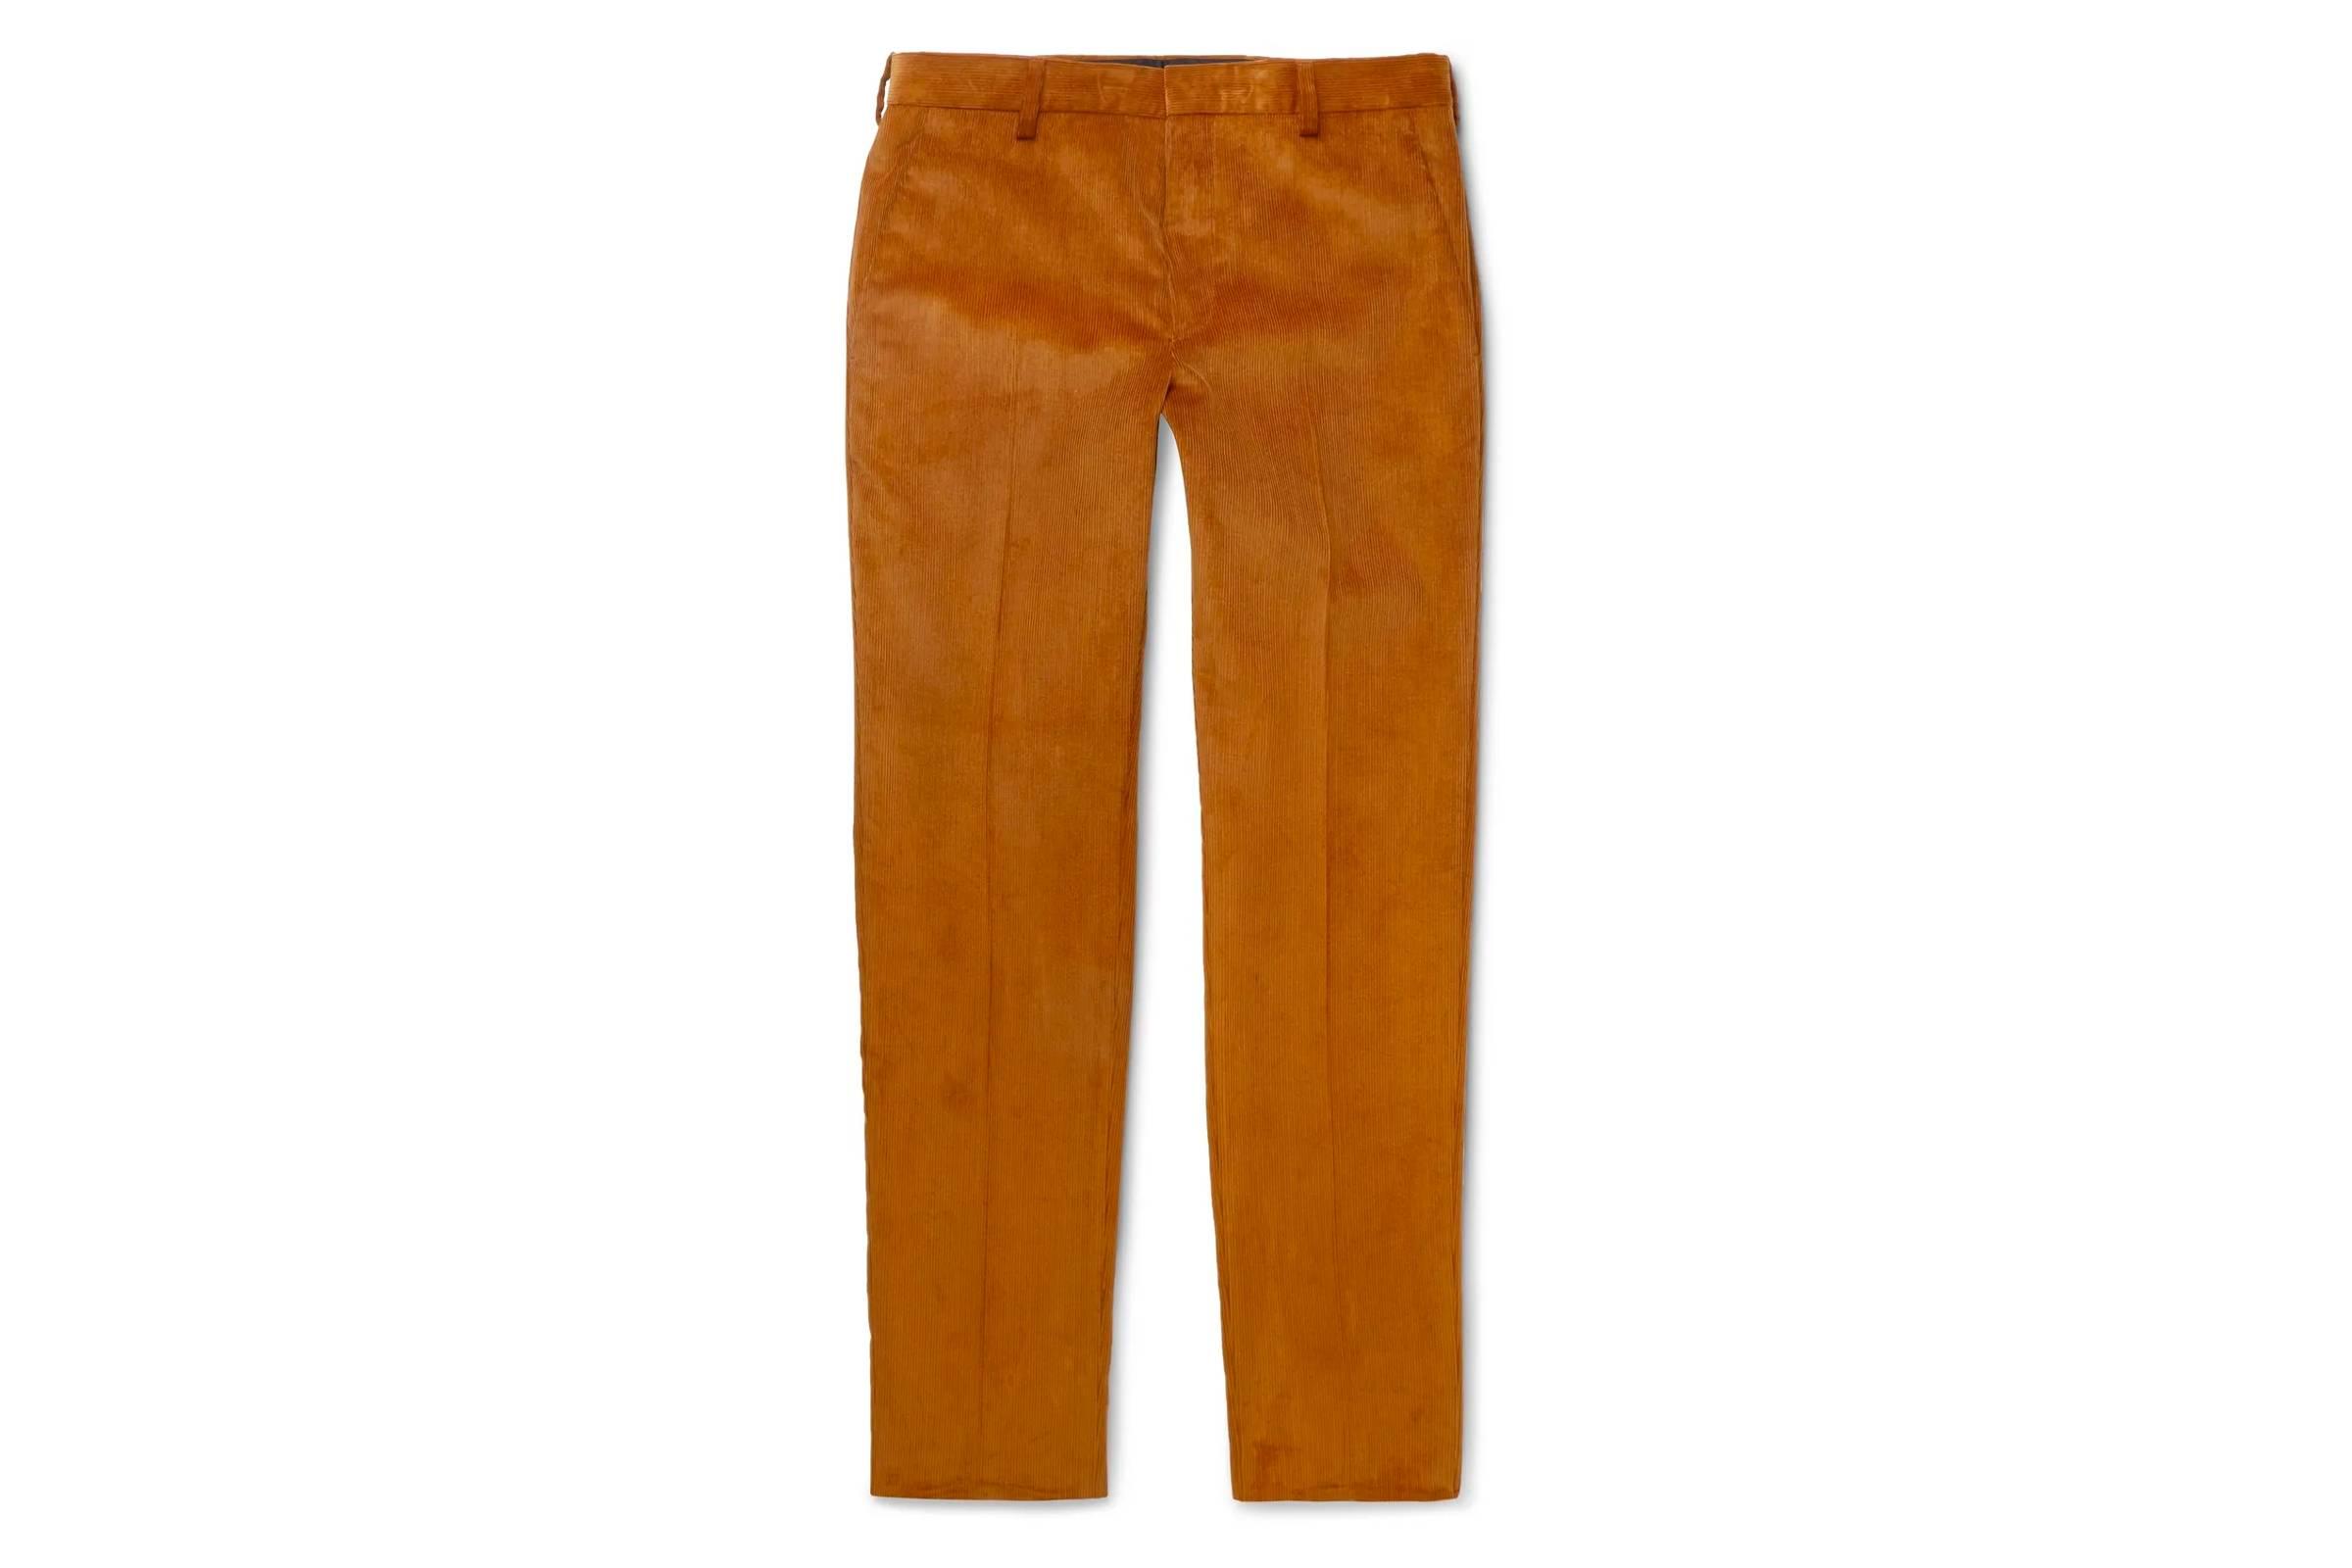 Prada Cotton-Corduroy Trousers